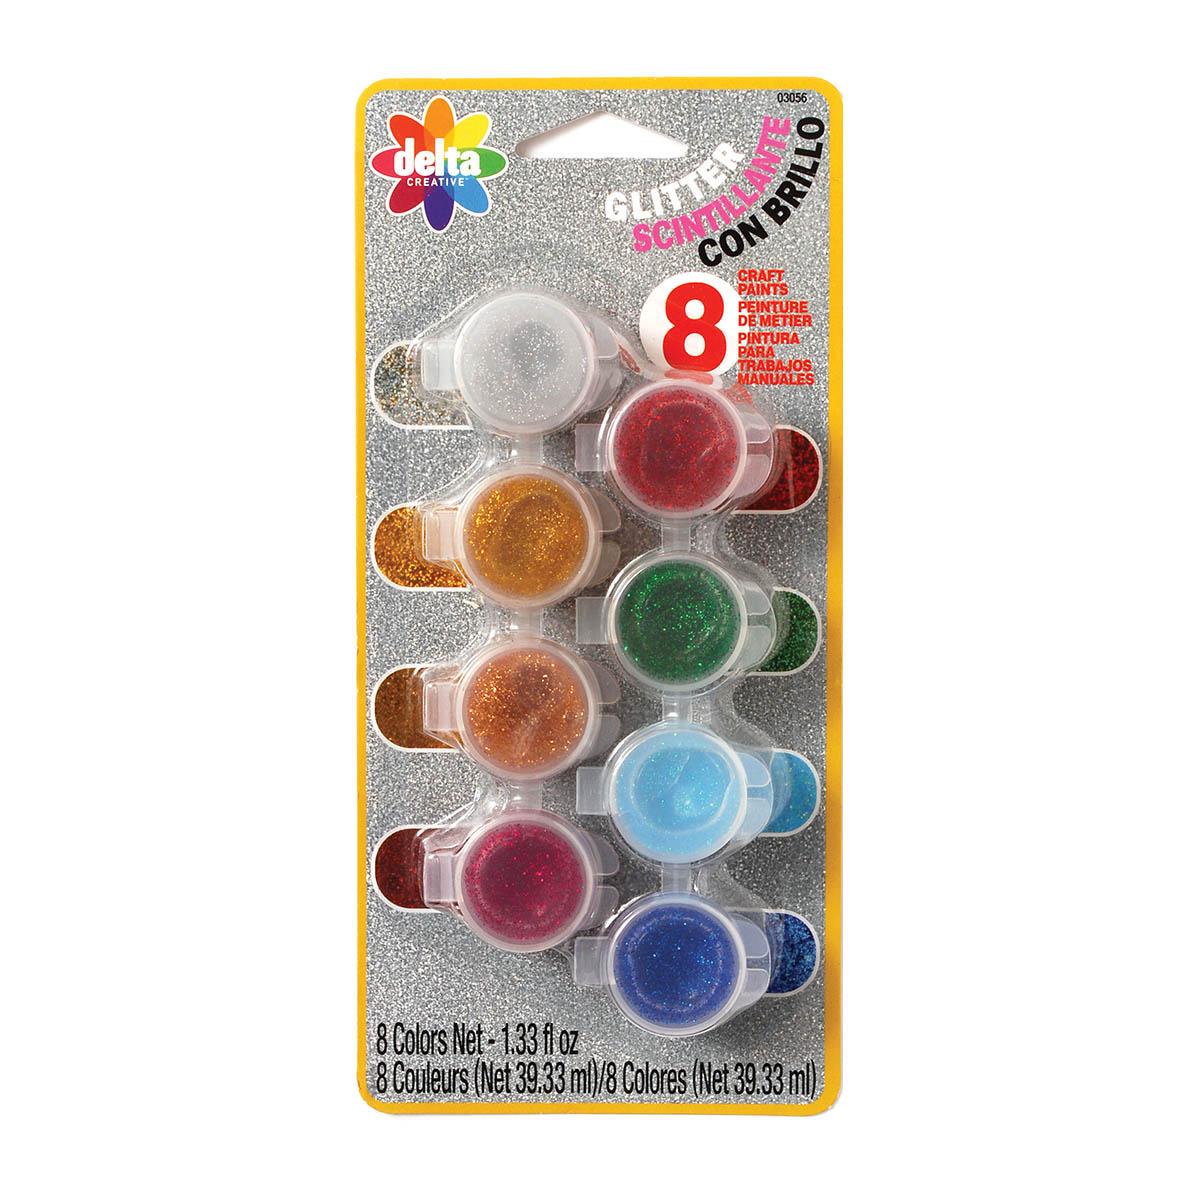 Delta Acrylic Paint  Sets - Glitter, 8 Colors - 03056